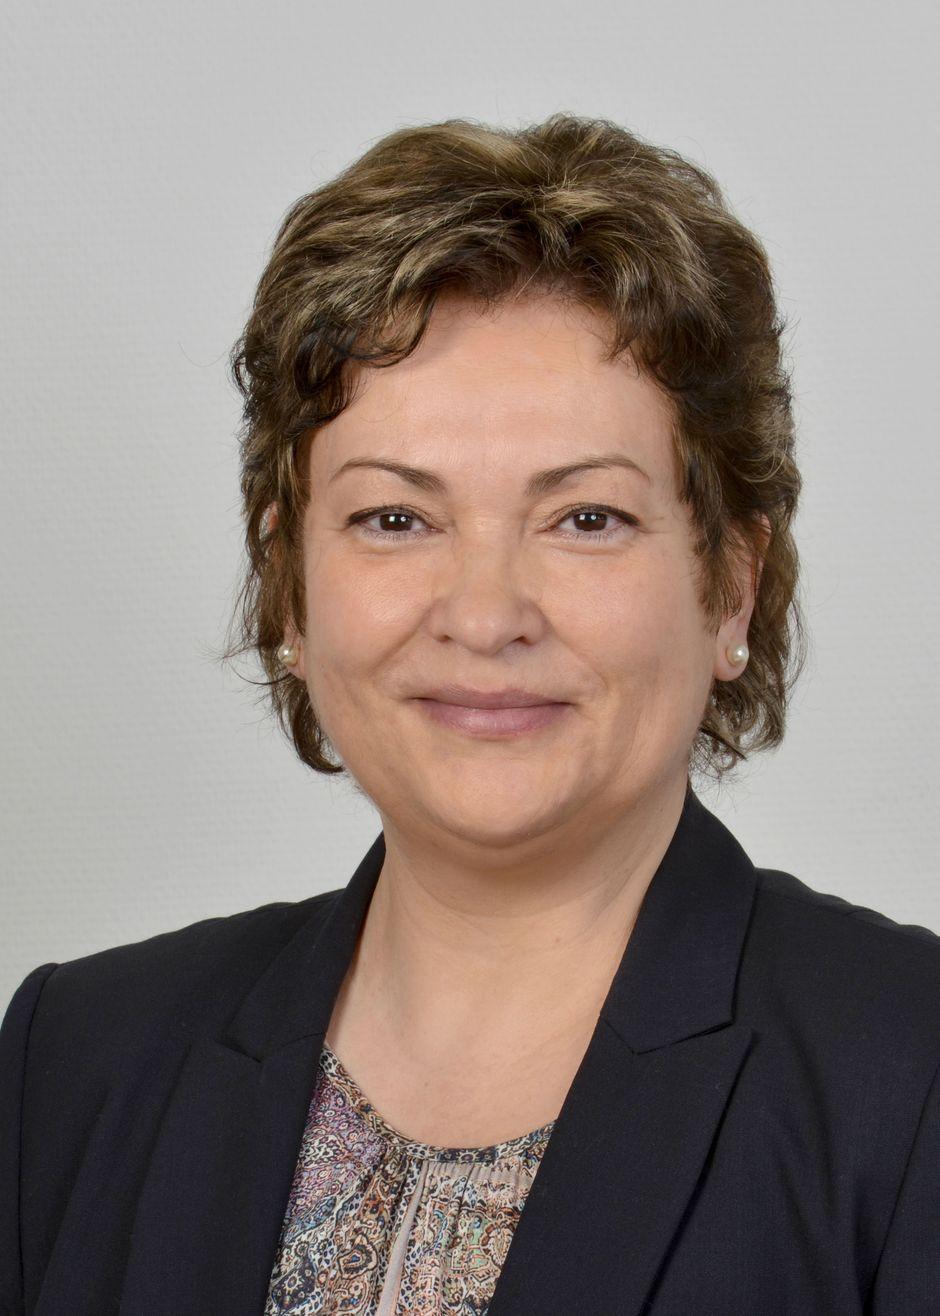 Katrin Riehl